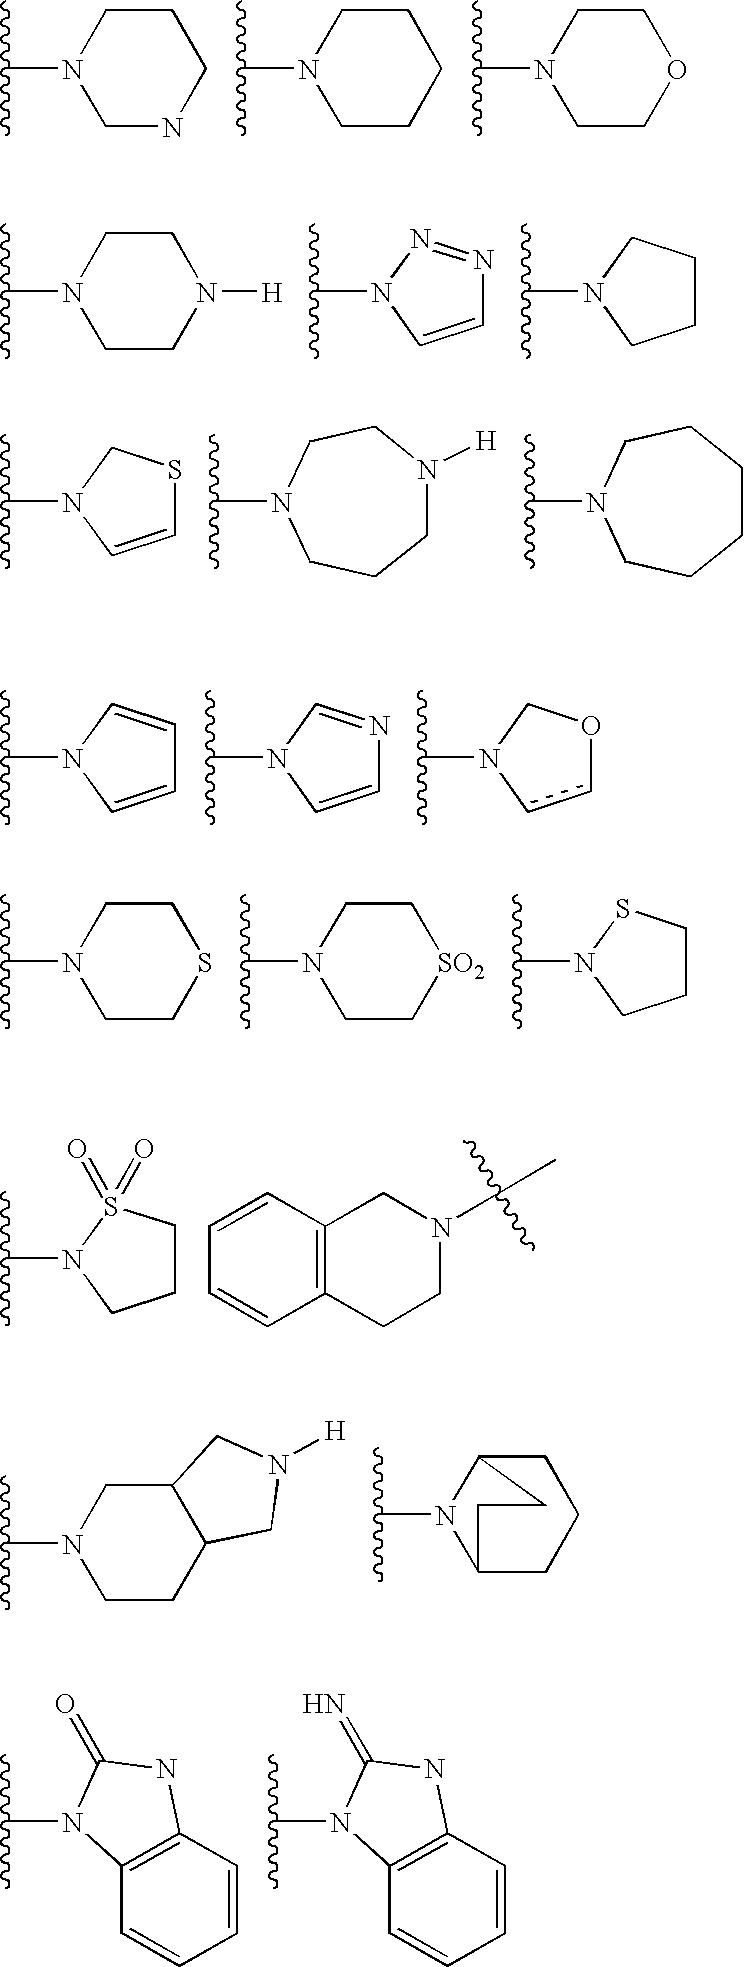 Figure US20040102360A1-20040527-C00040